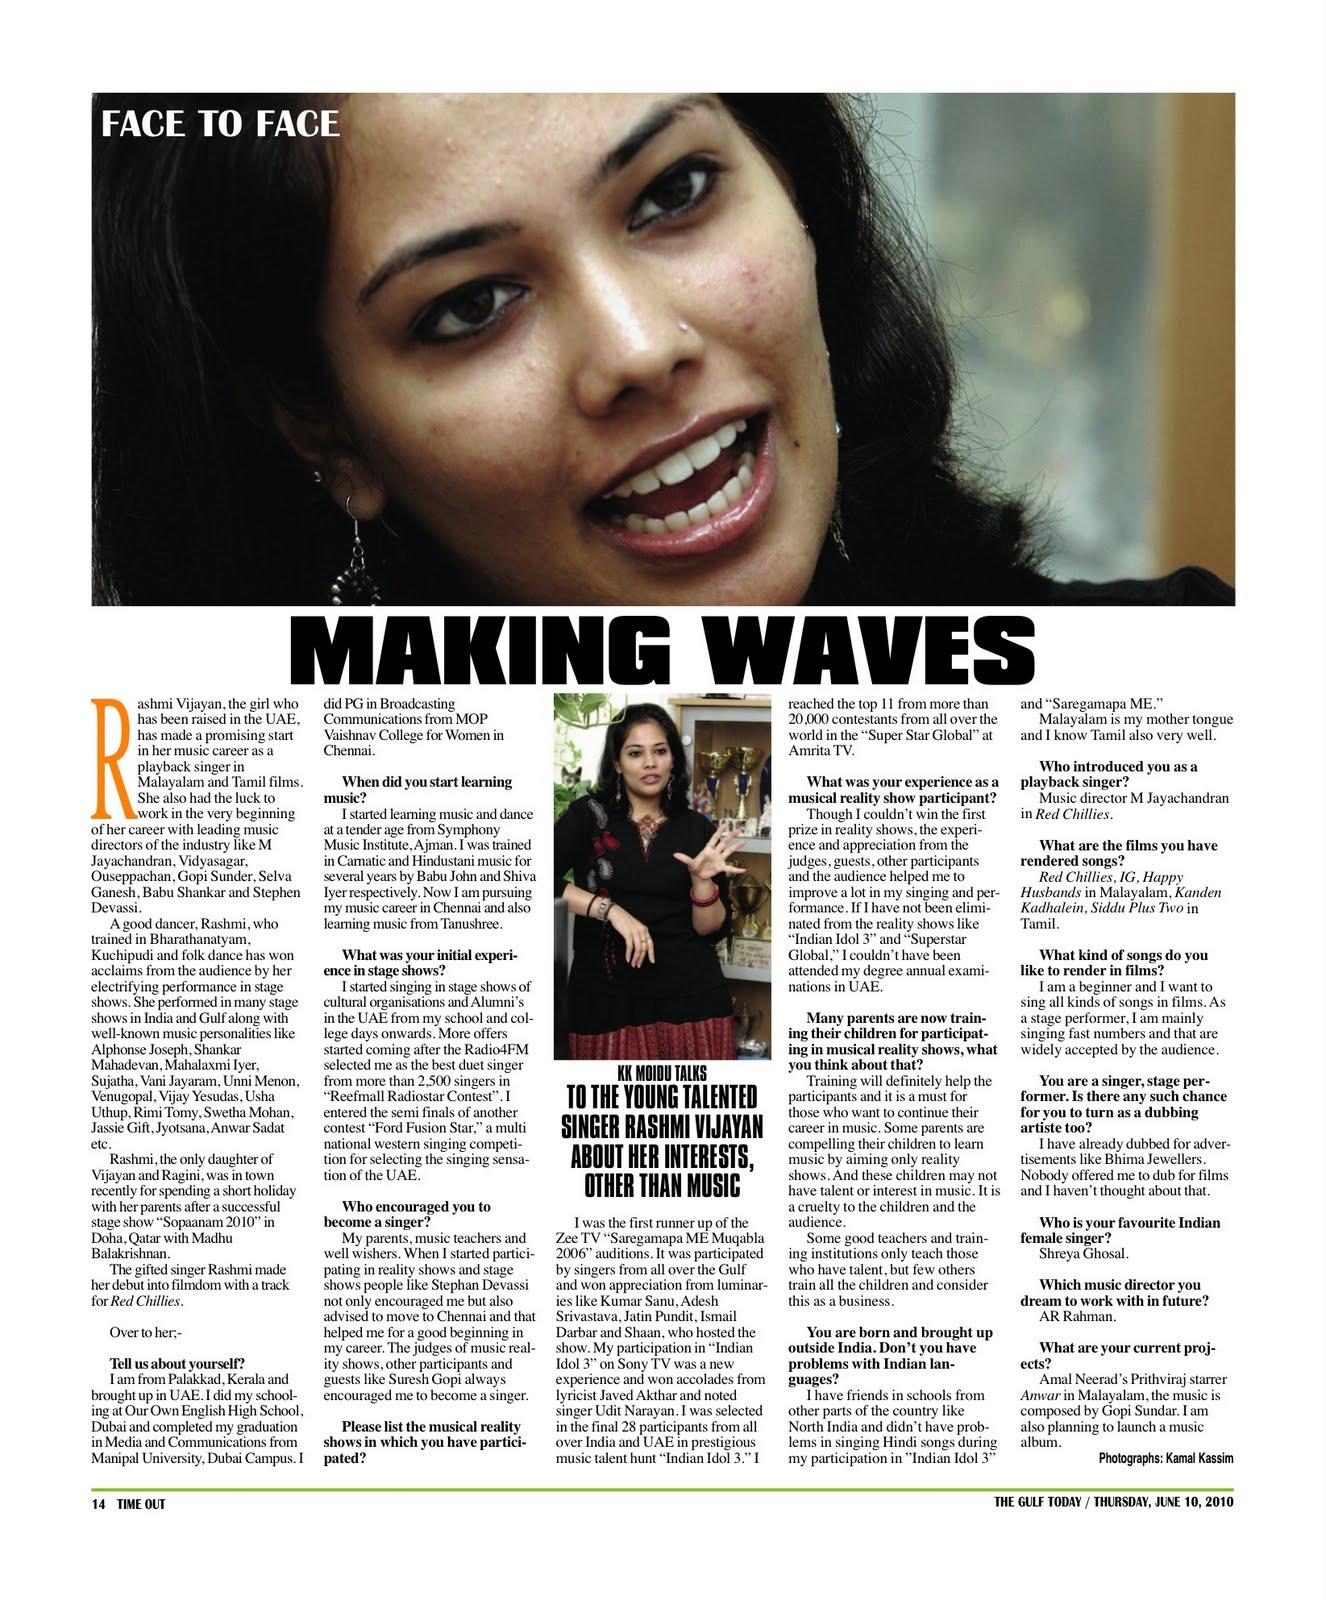 cinema4uTV: Making waves: Rashmi Vijayan